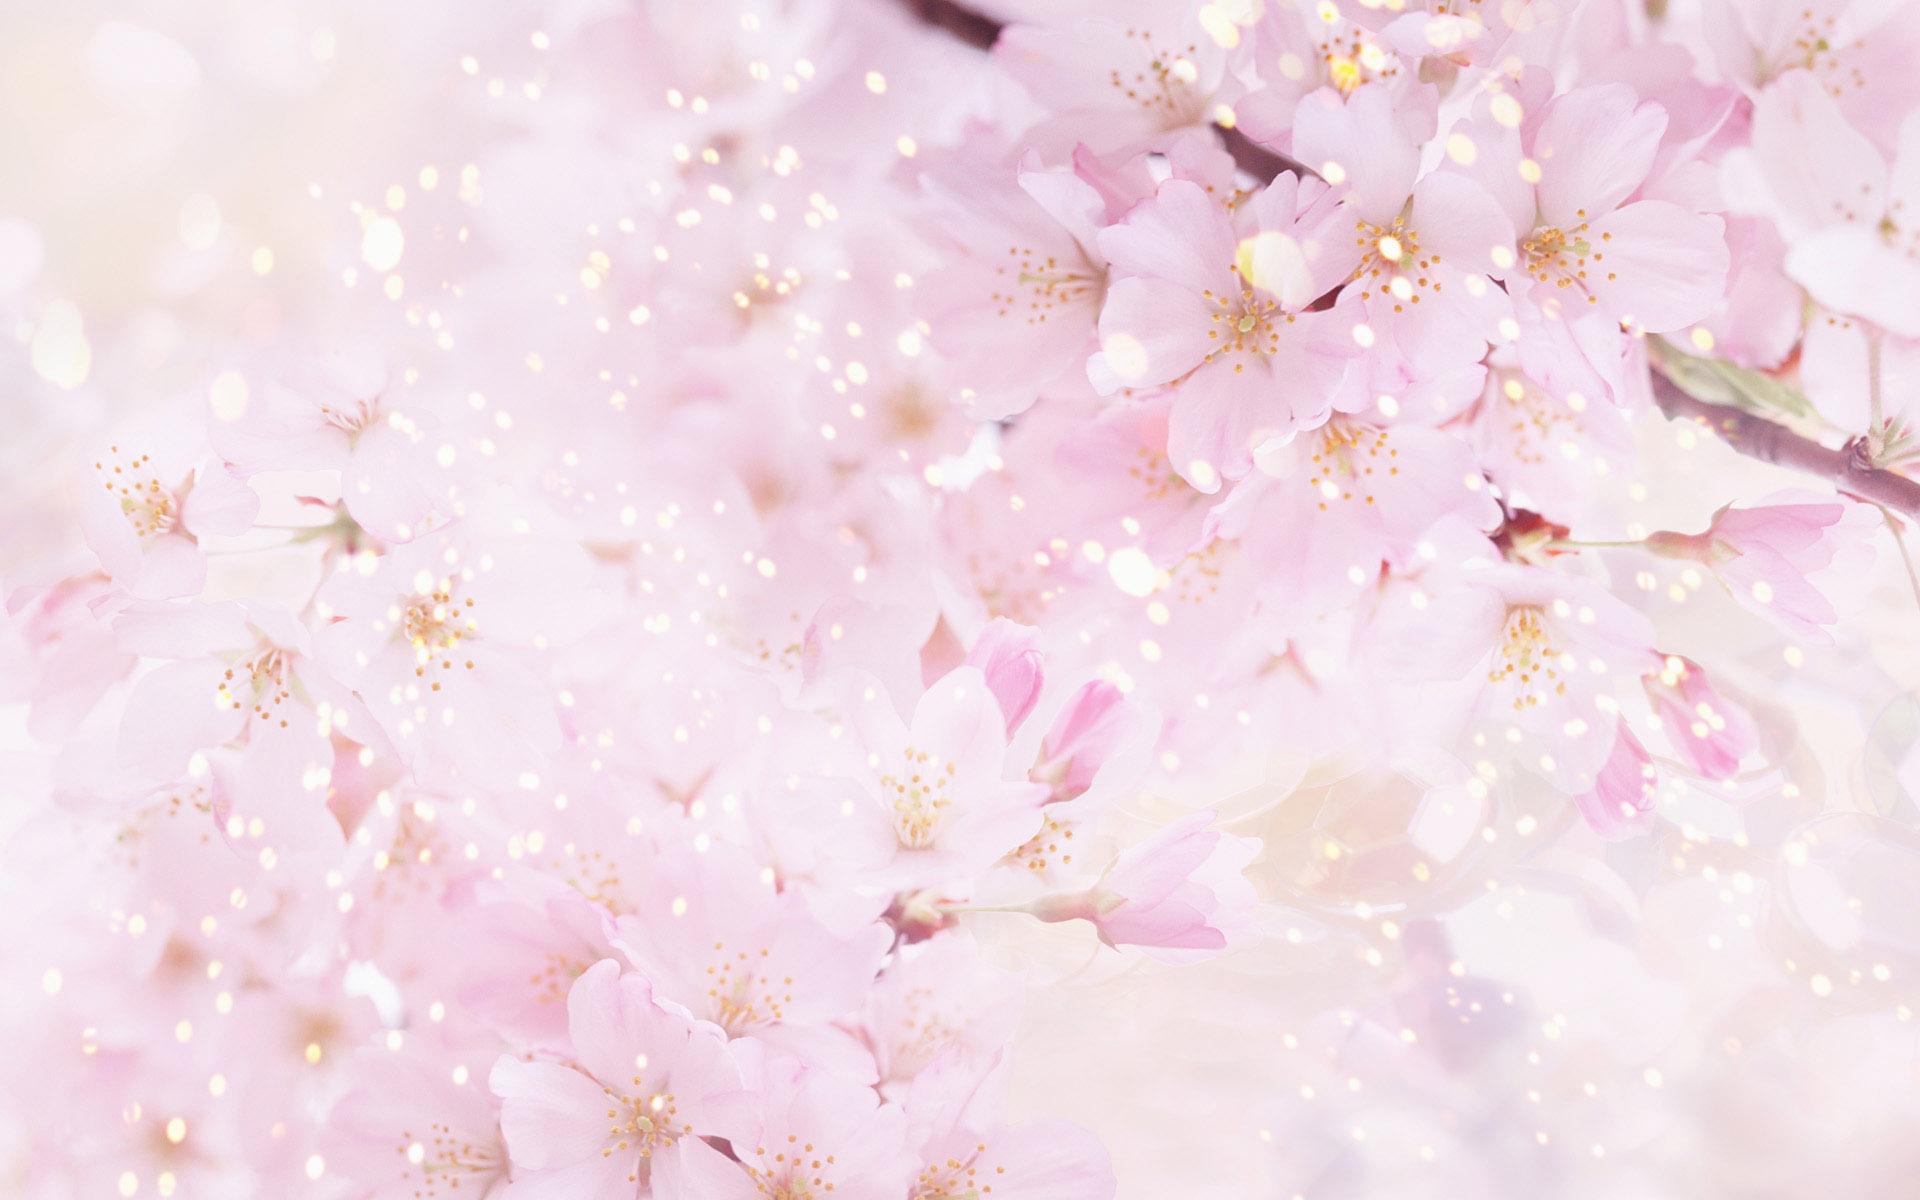 设计常用的花朵高清背景图片ps素材